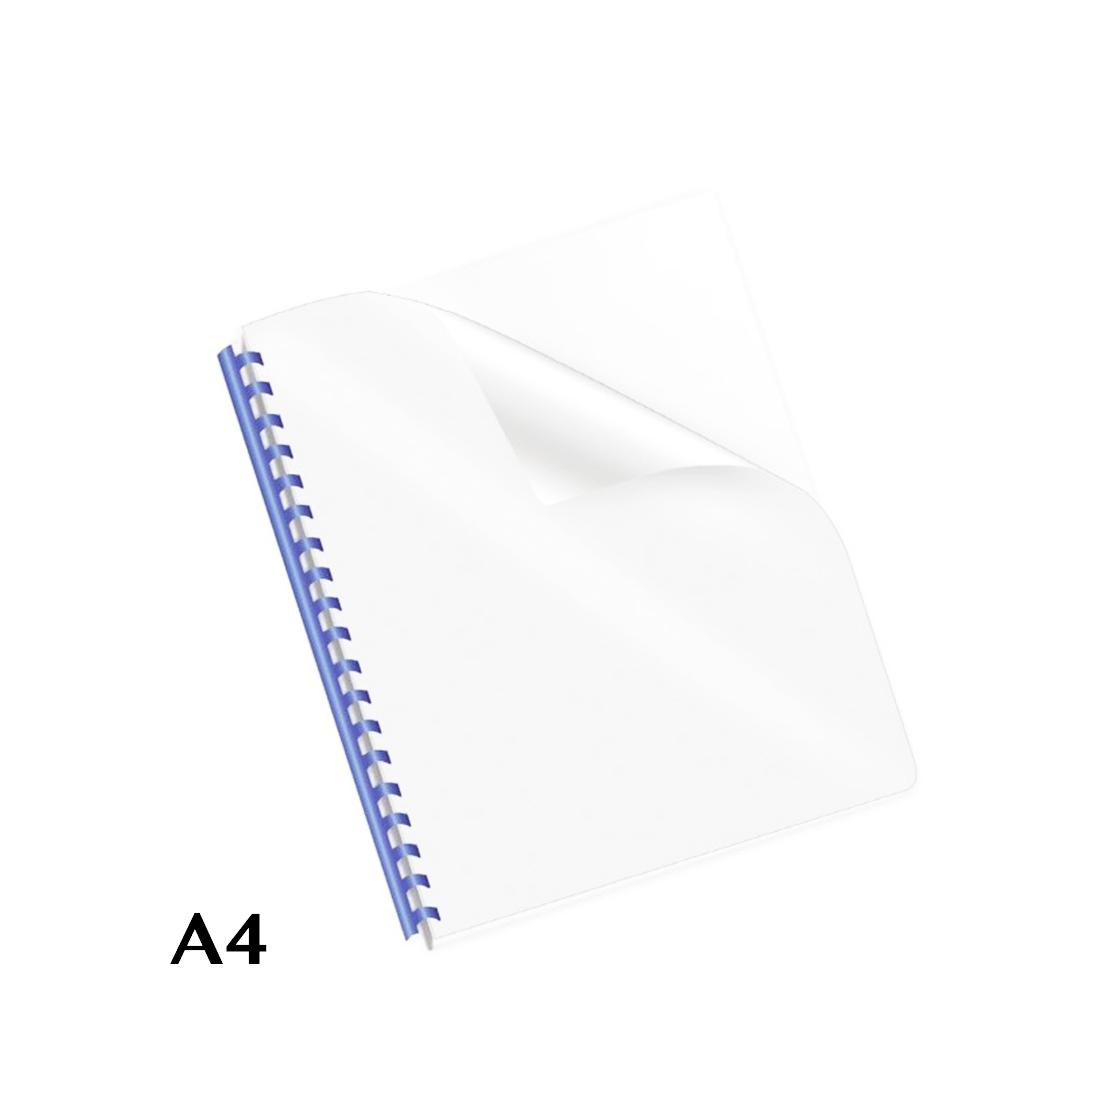 QUADRANTI IN PVC A4 15/100 100PZ 15 MICRON